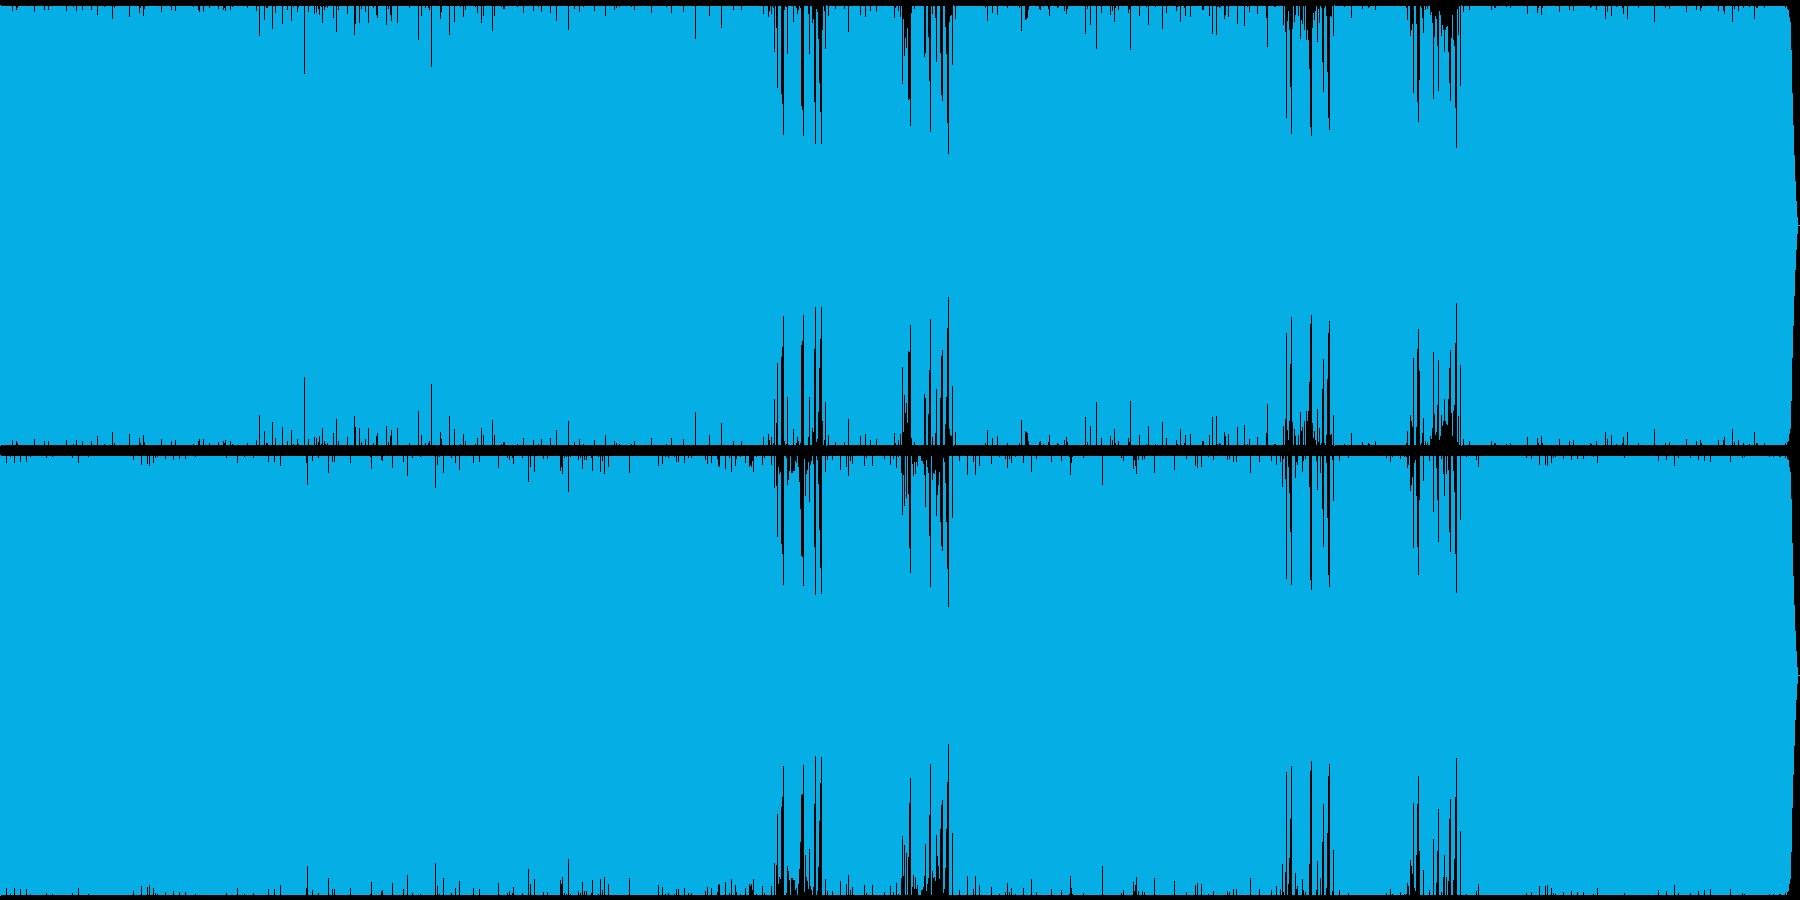 ムーディーなテクノの再生済みの波形